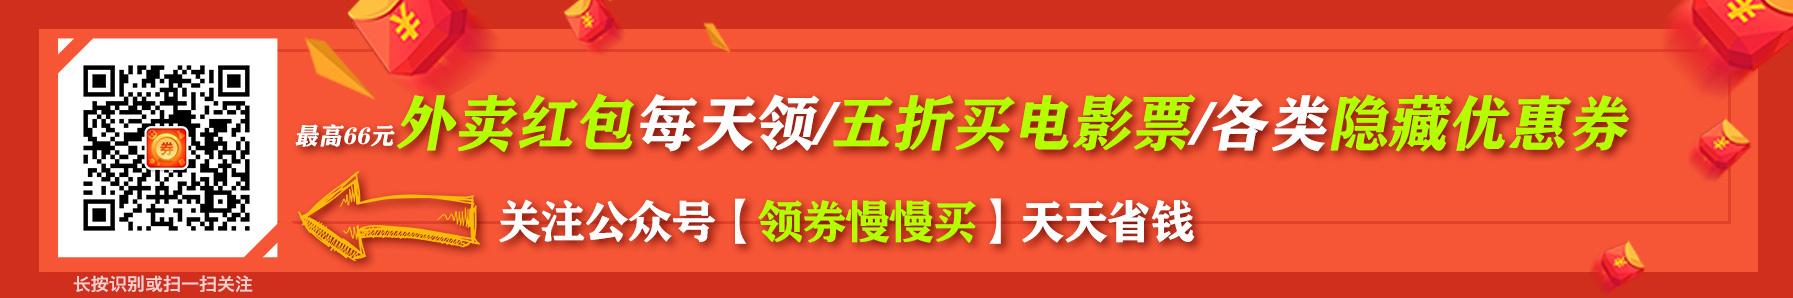 关注公众号【领券慢慢买】,每天领外卖红包,和福利抽奖